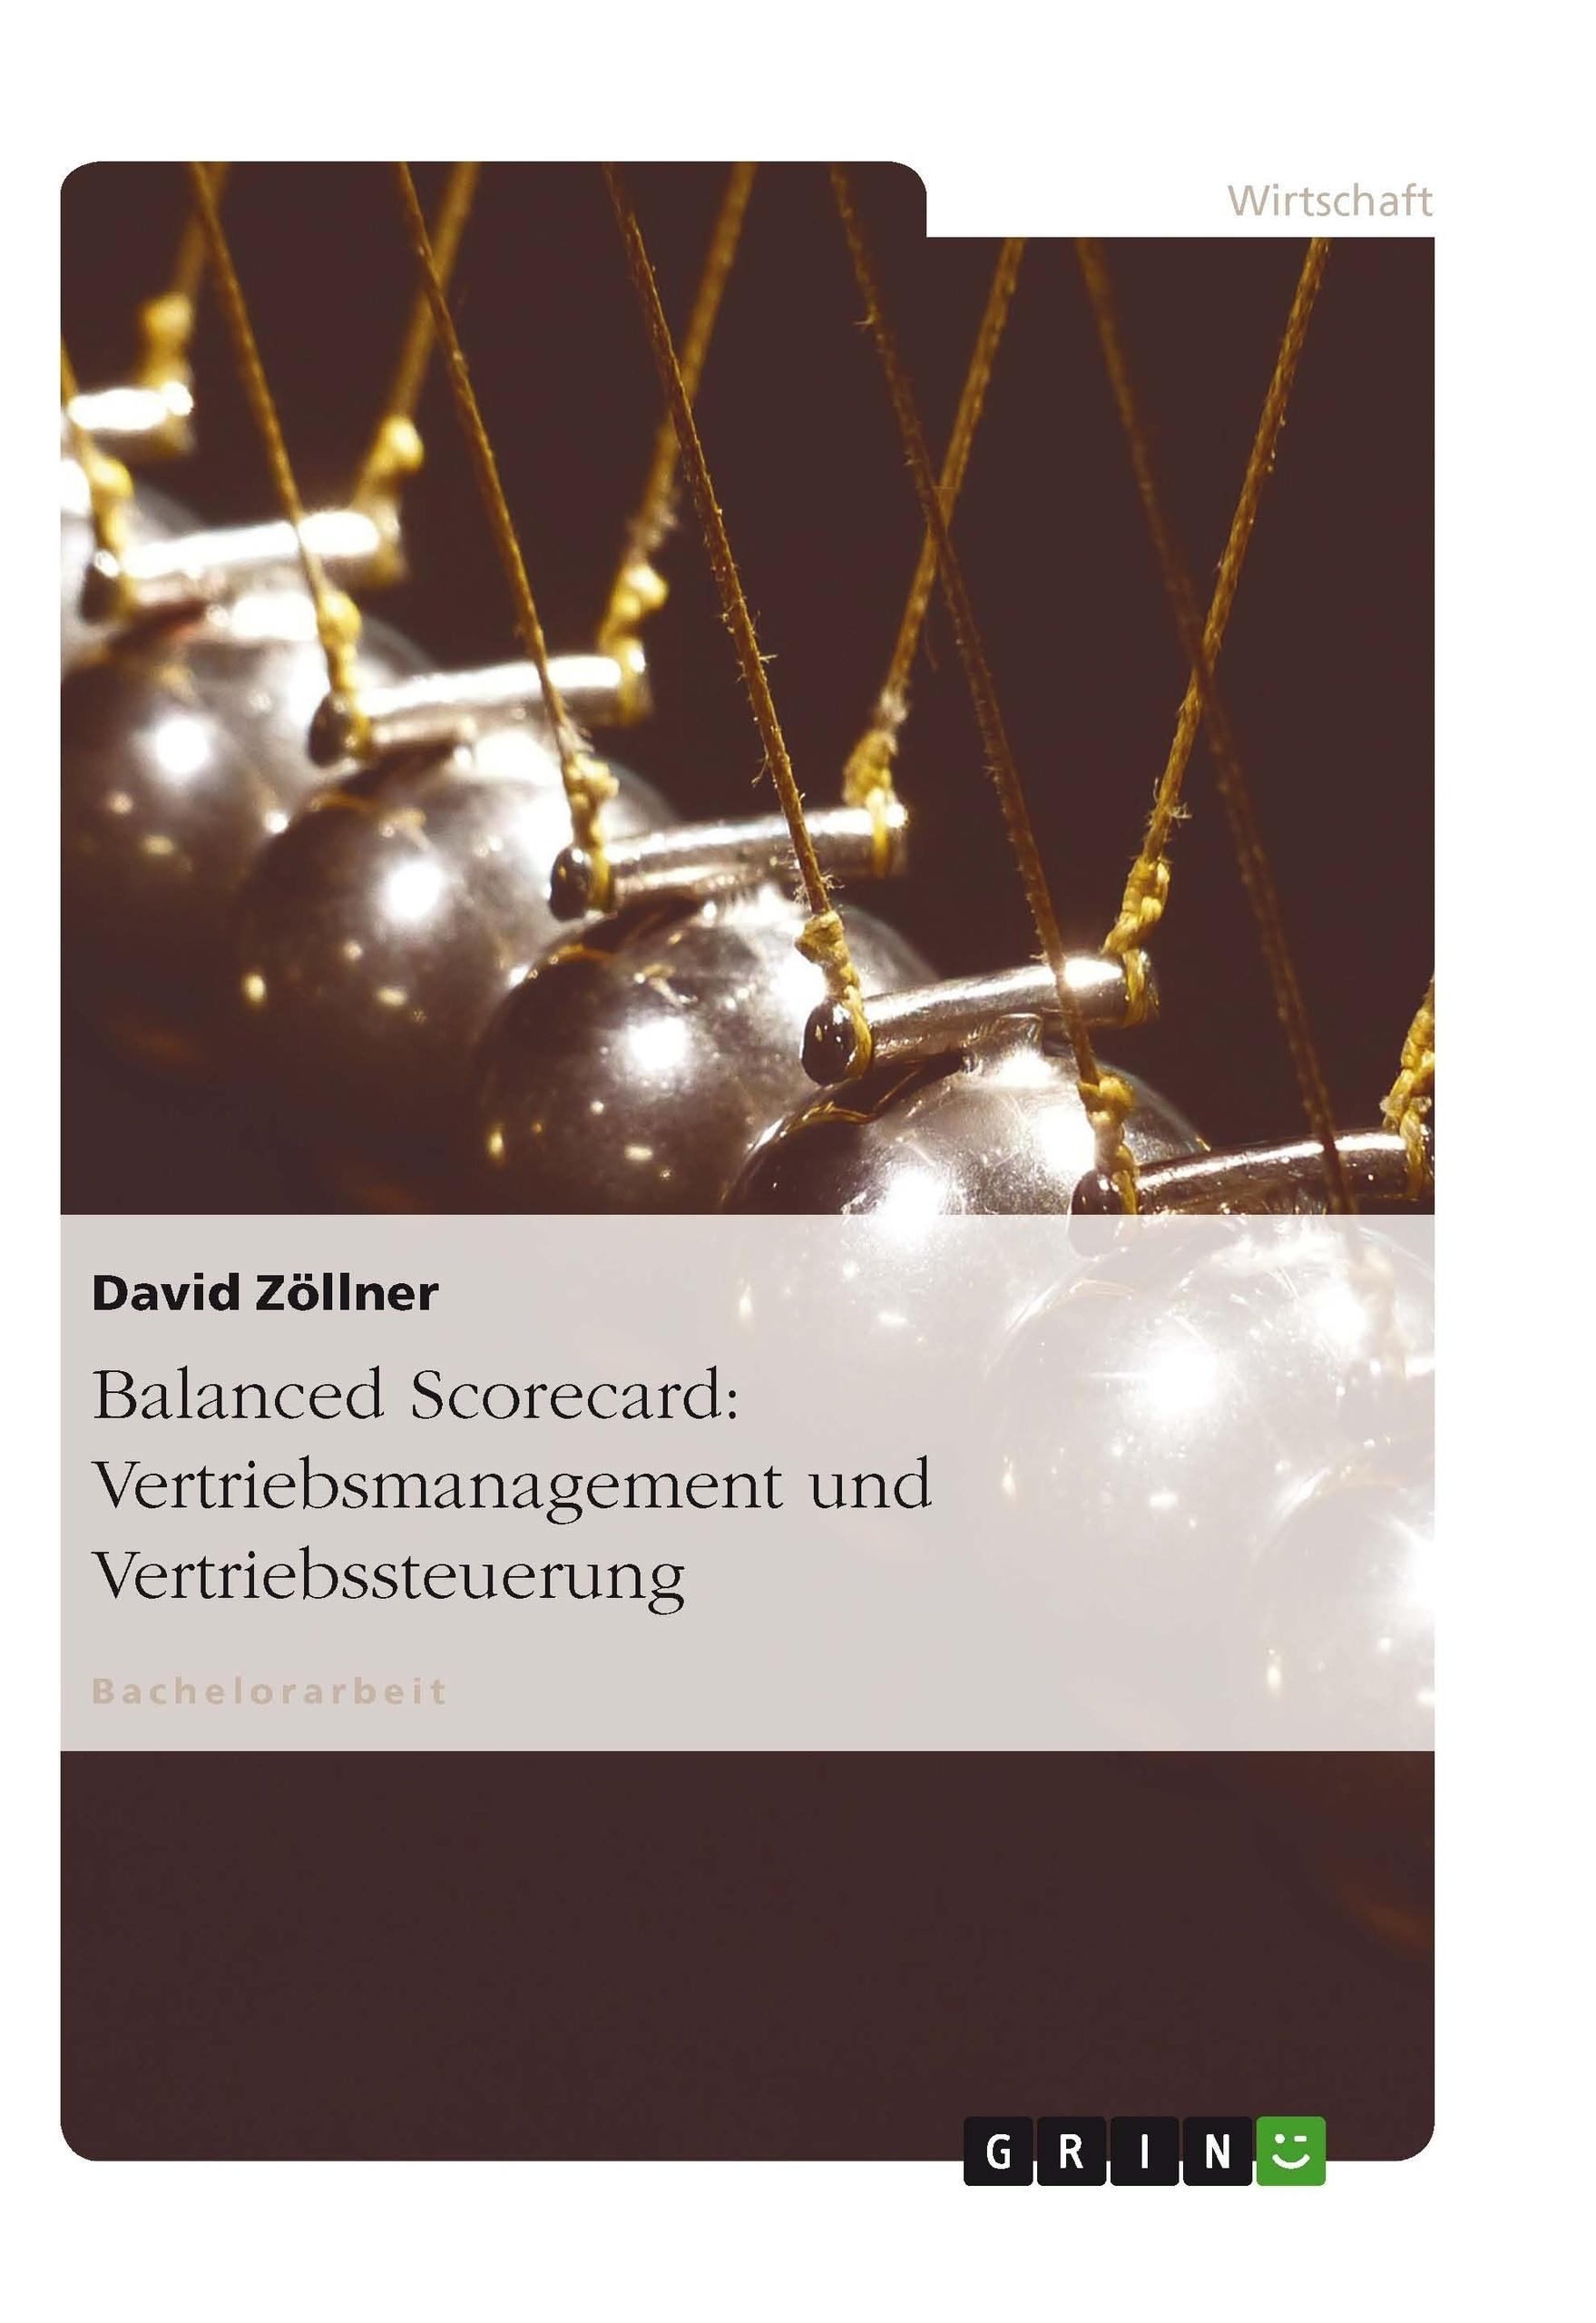 Titel: Balanced Scorecard: Vertriebsmanagement und Vertriebssteuerung